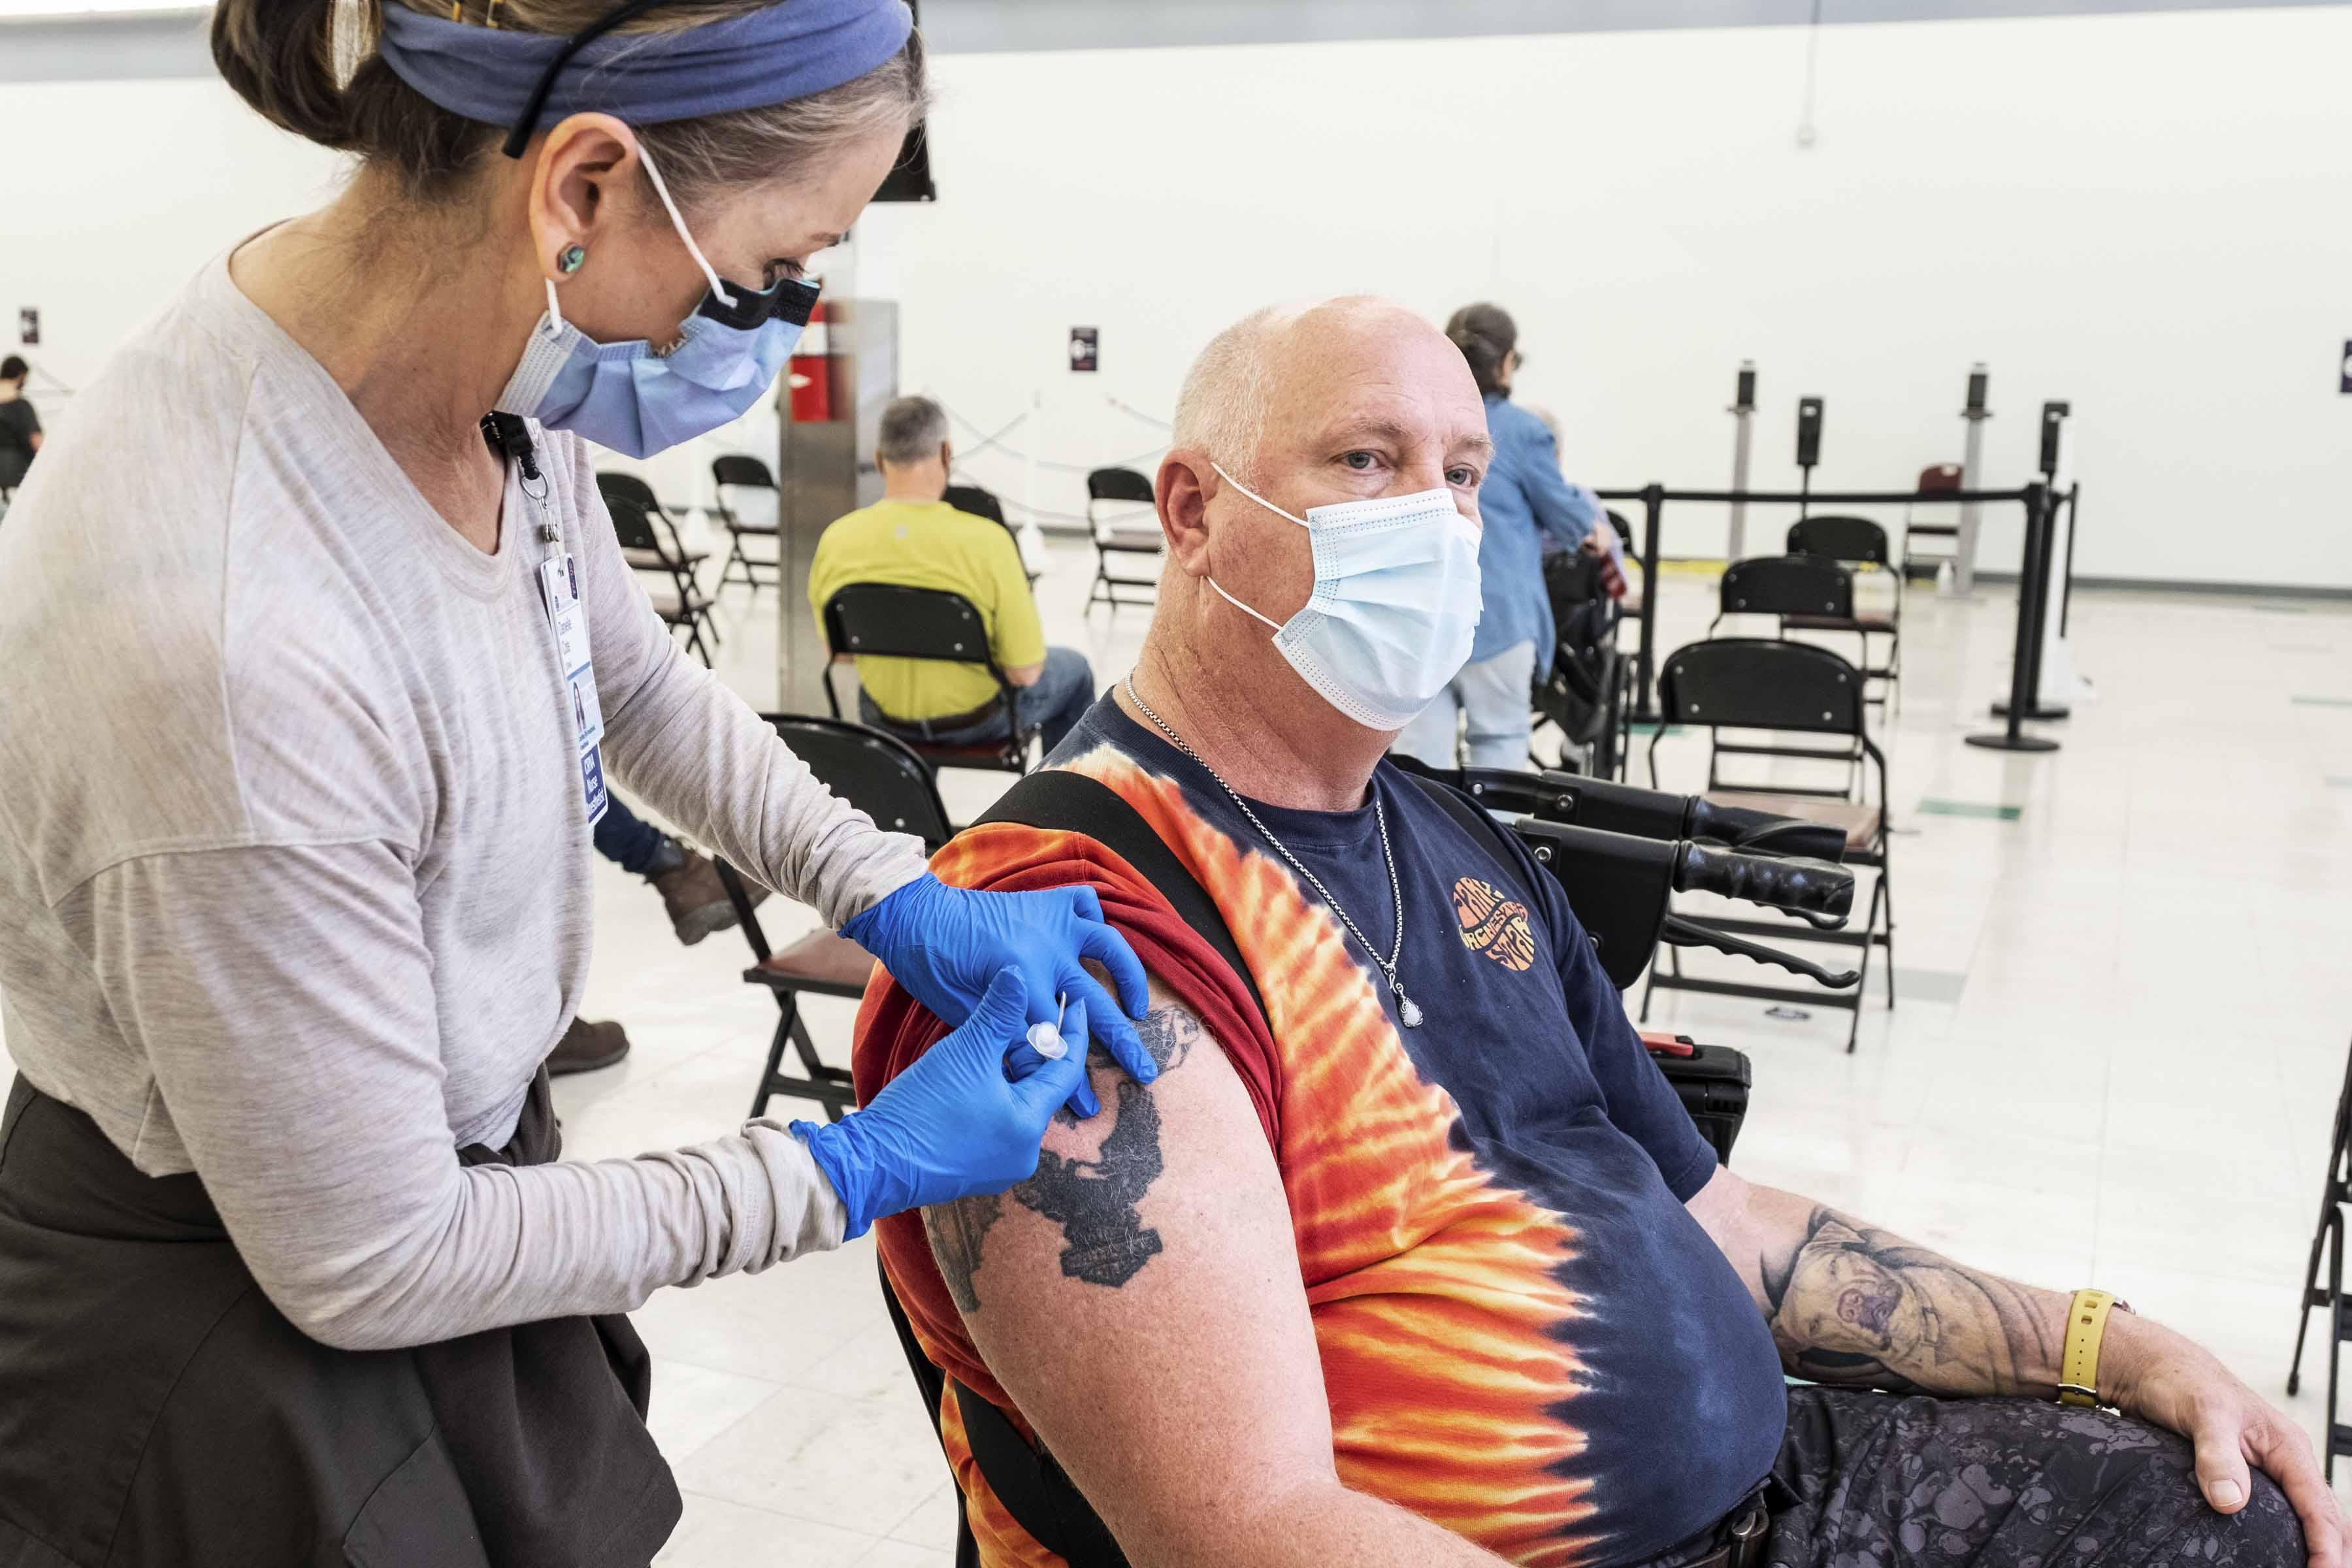 UVA Health Administers Its 100,000th COVID-19 Vaccine